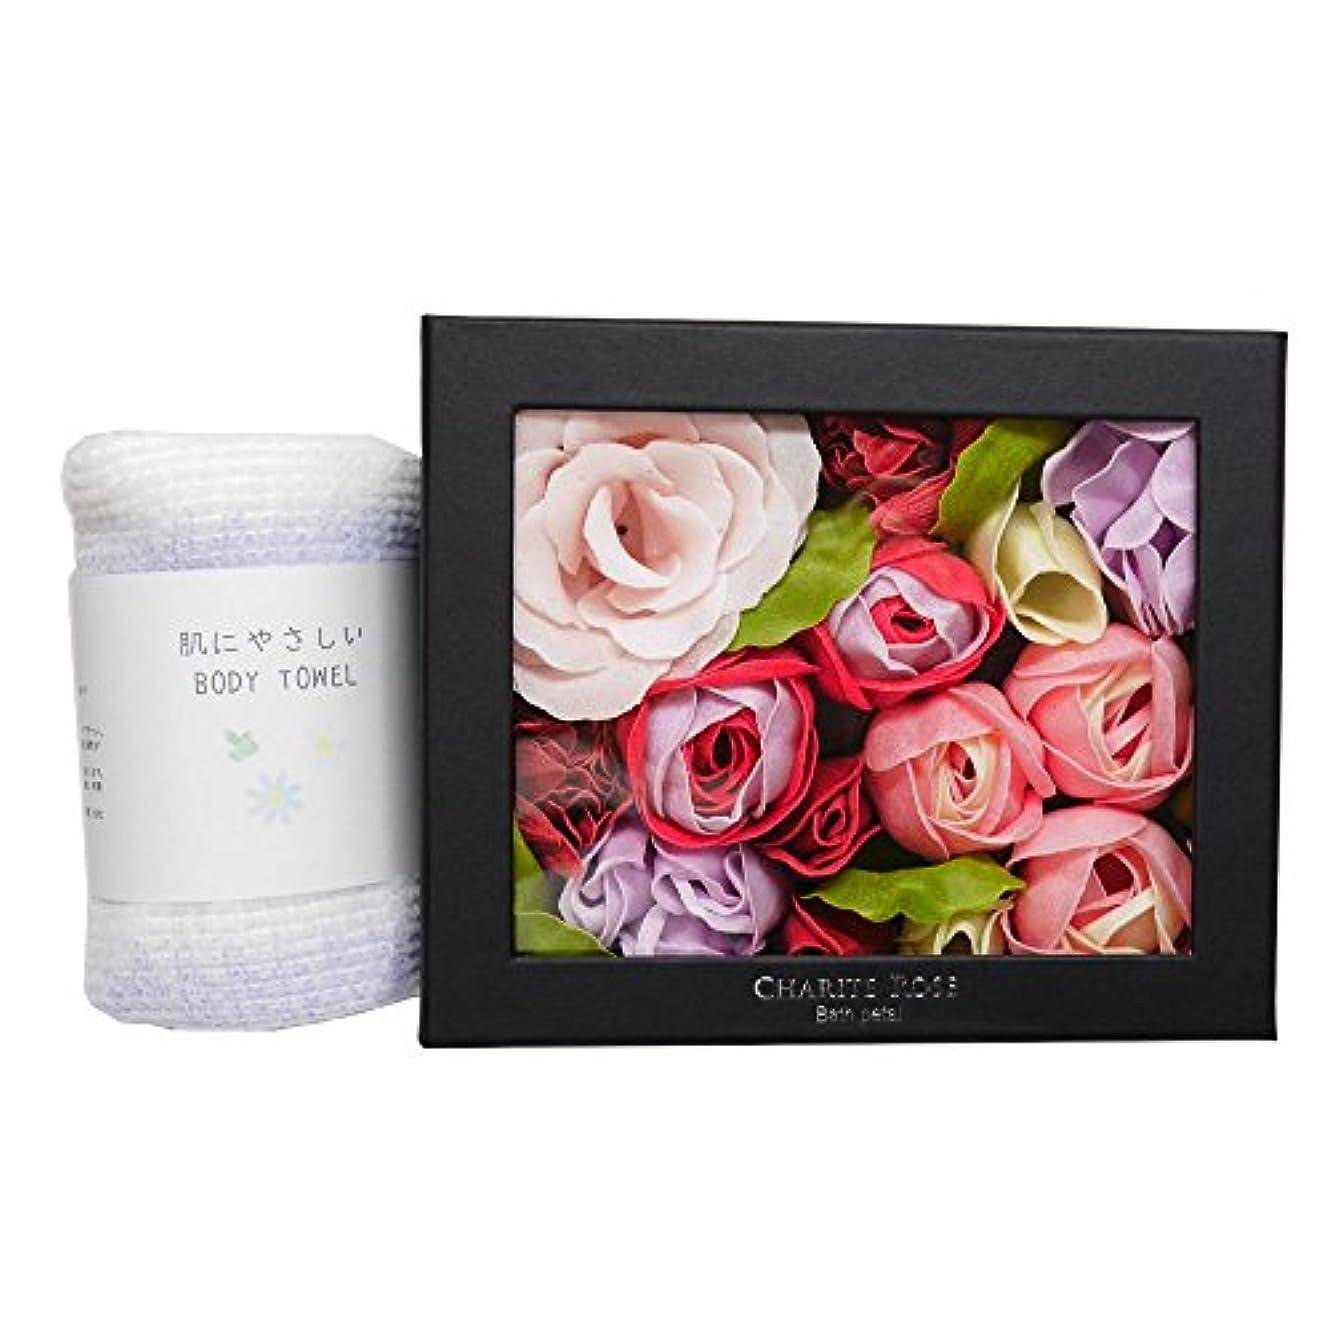 礼儀やむを得ないブランクローズ バスペタル グロスローズ ピンク ボディタオル セット/バラ お花 入浴剤 母の日 お祝い 記念日 贈り物 プレゼント